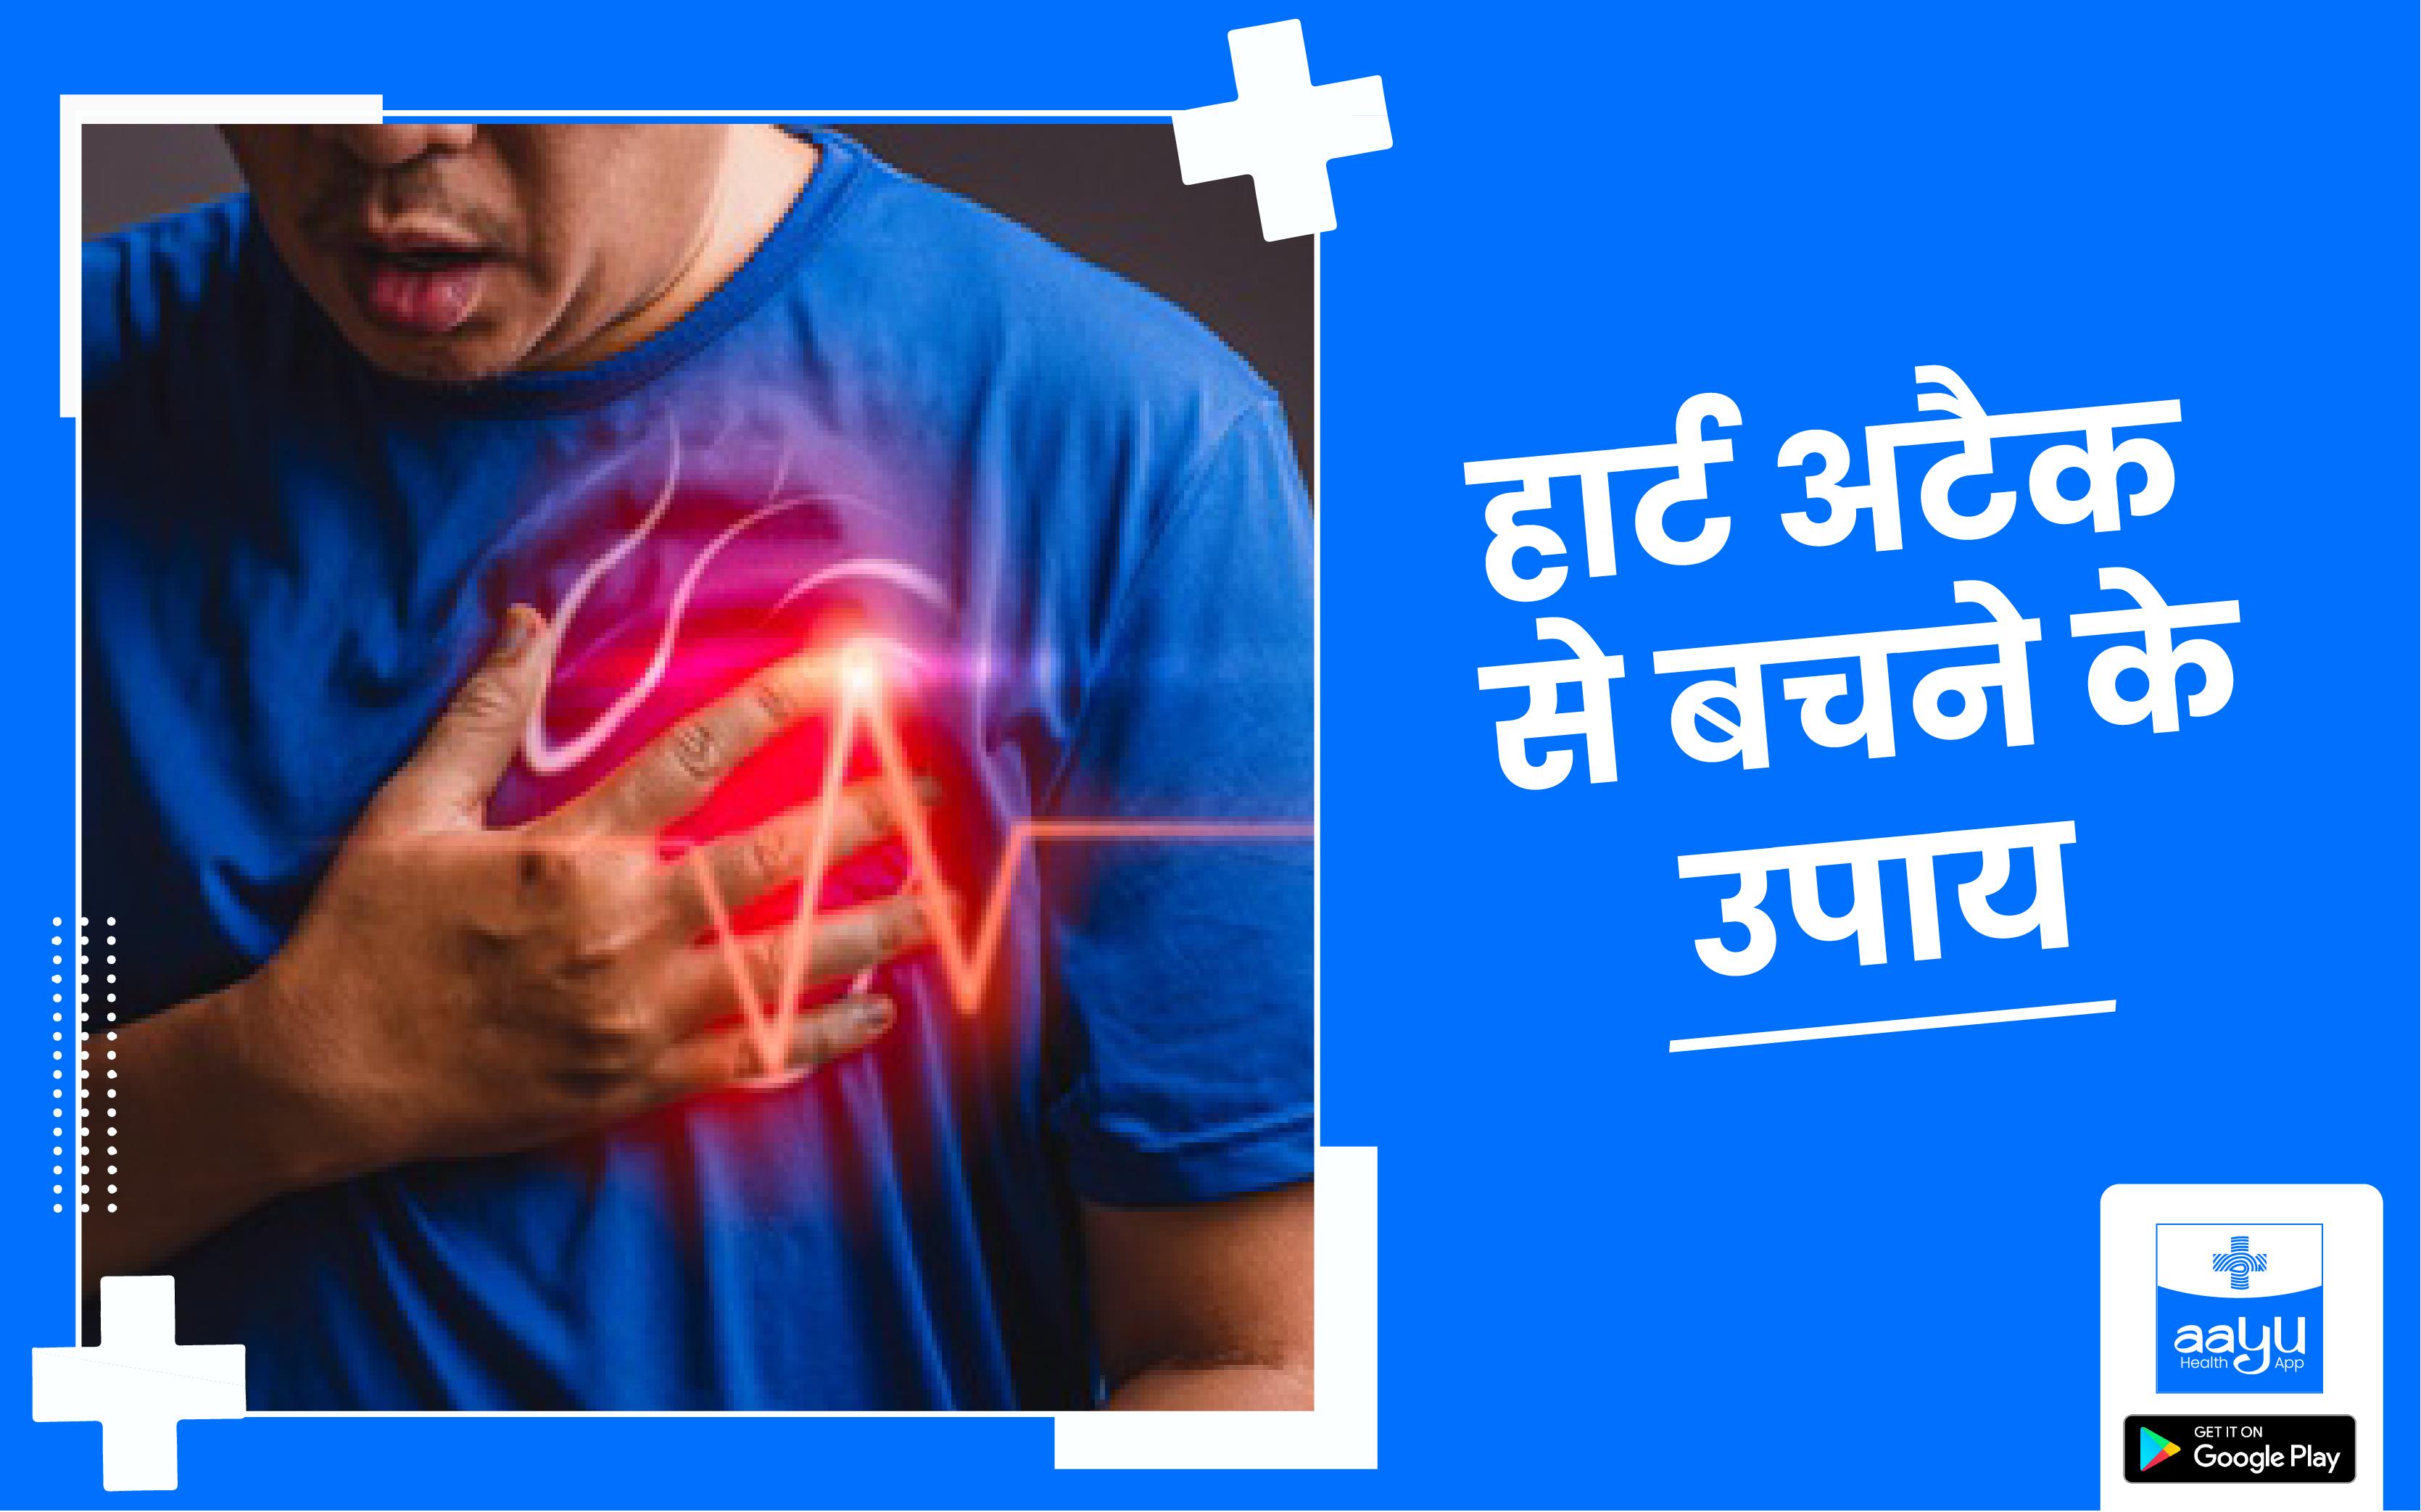 महिलाओं में हार्ट अटैक के लक्षण | Symptoms of Heart Attack in Women in Hindi